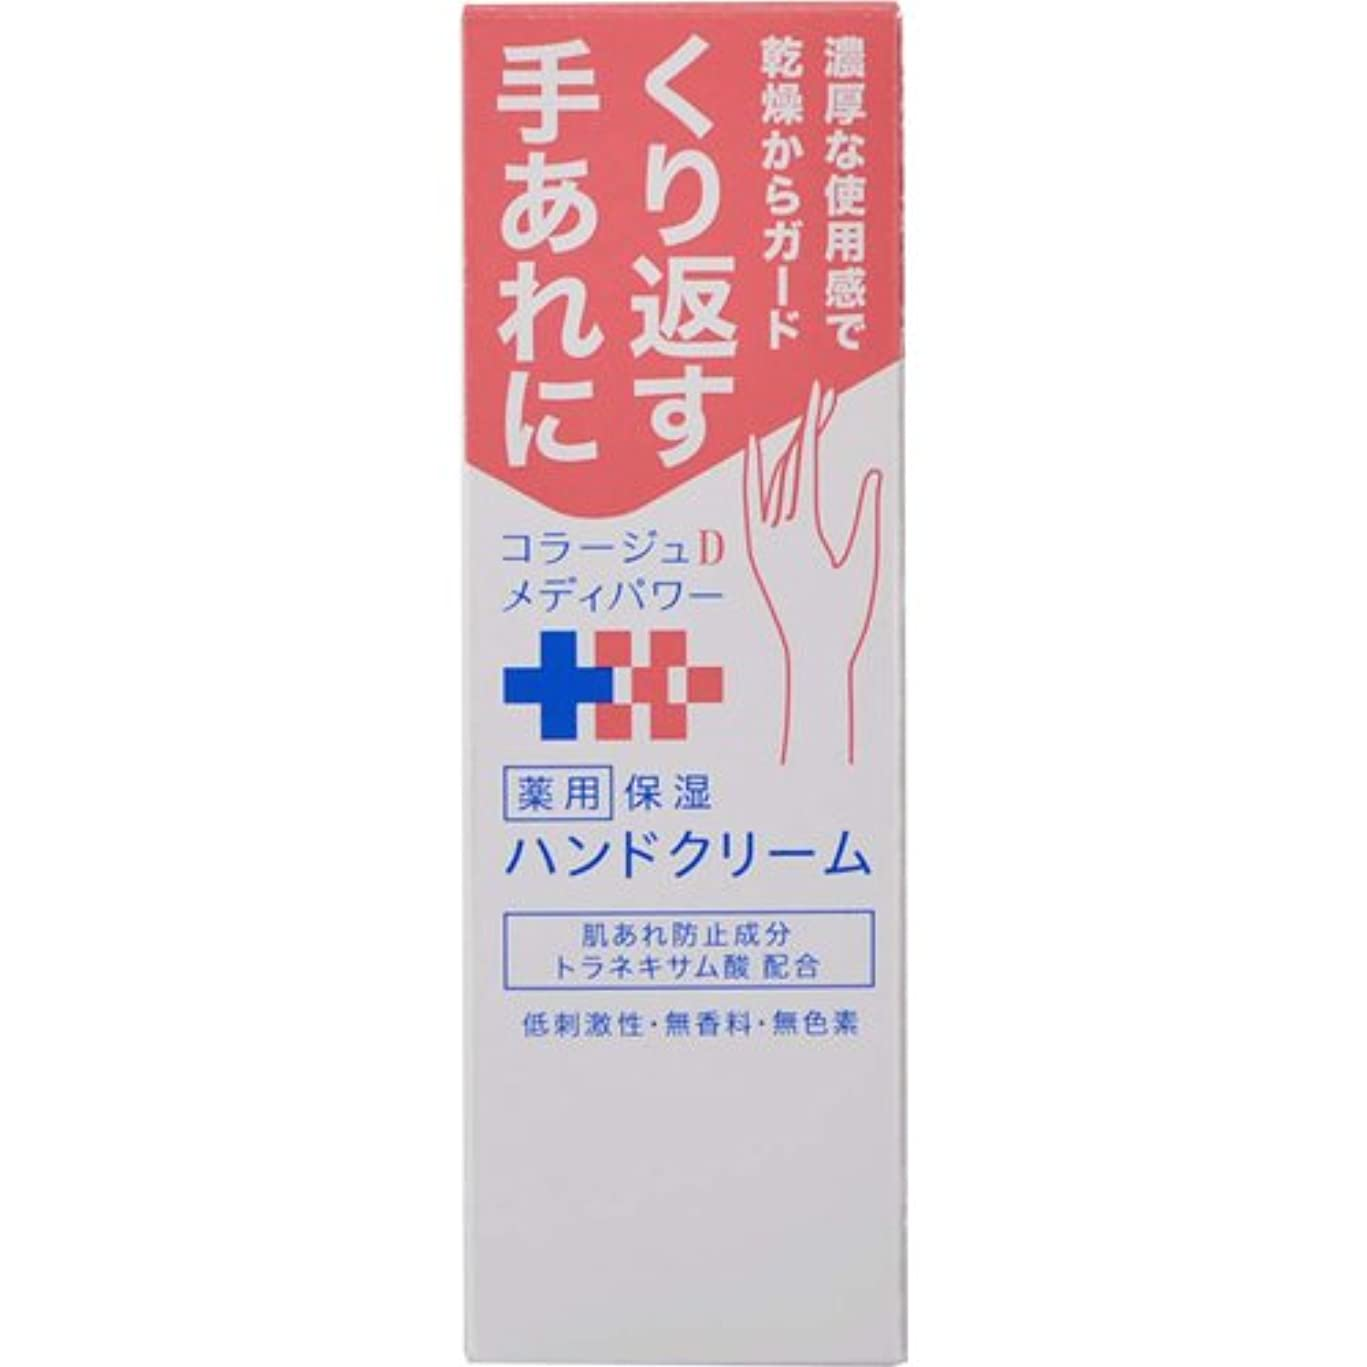 追記飽和する医師コラージュ D メディパワー 保湿ハンドクリーム 30g 【医薬部外品】